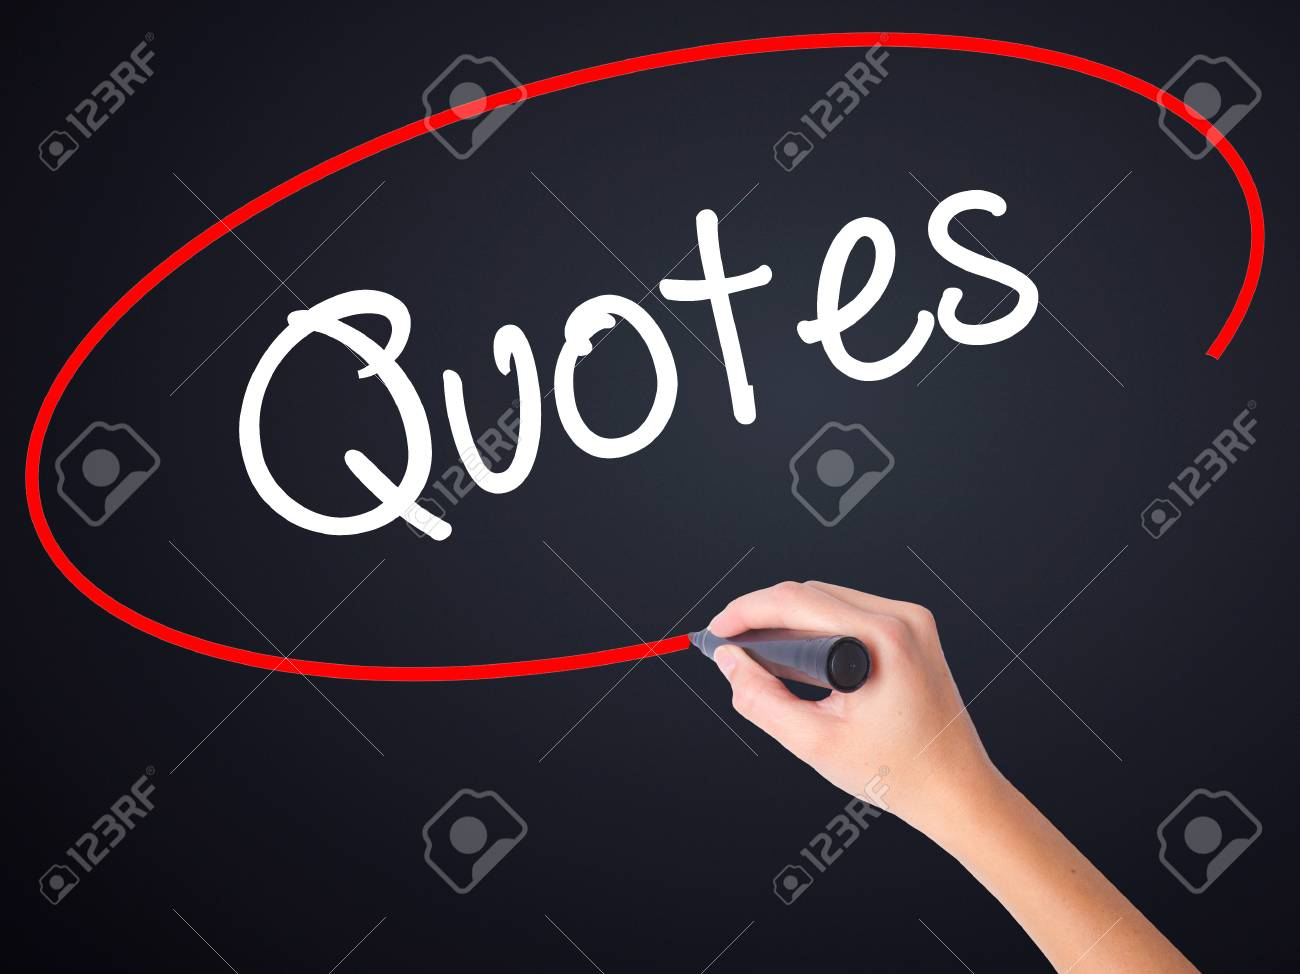 Citaten Schrijven : Vrouw hand schrijven citaten op lege transparante bord met een